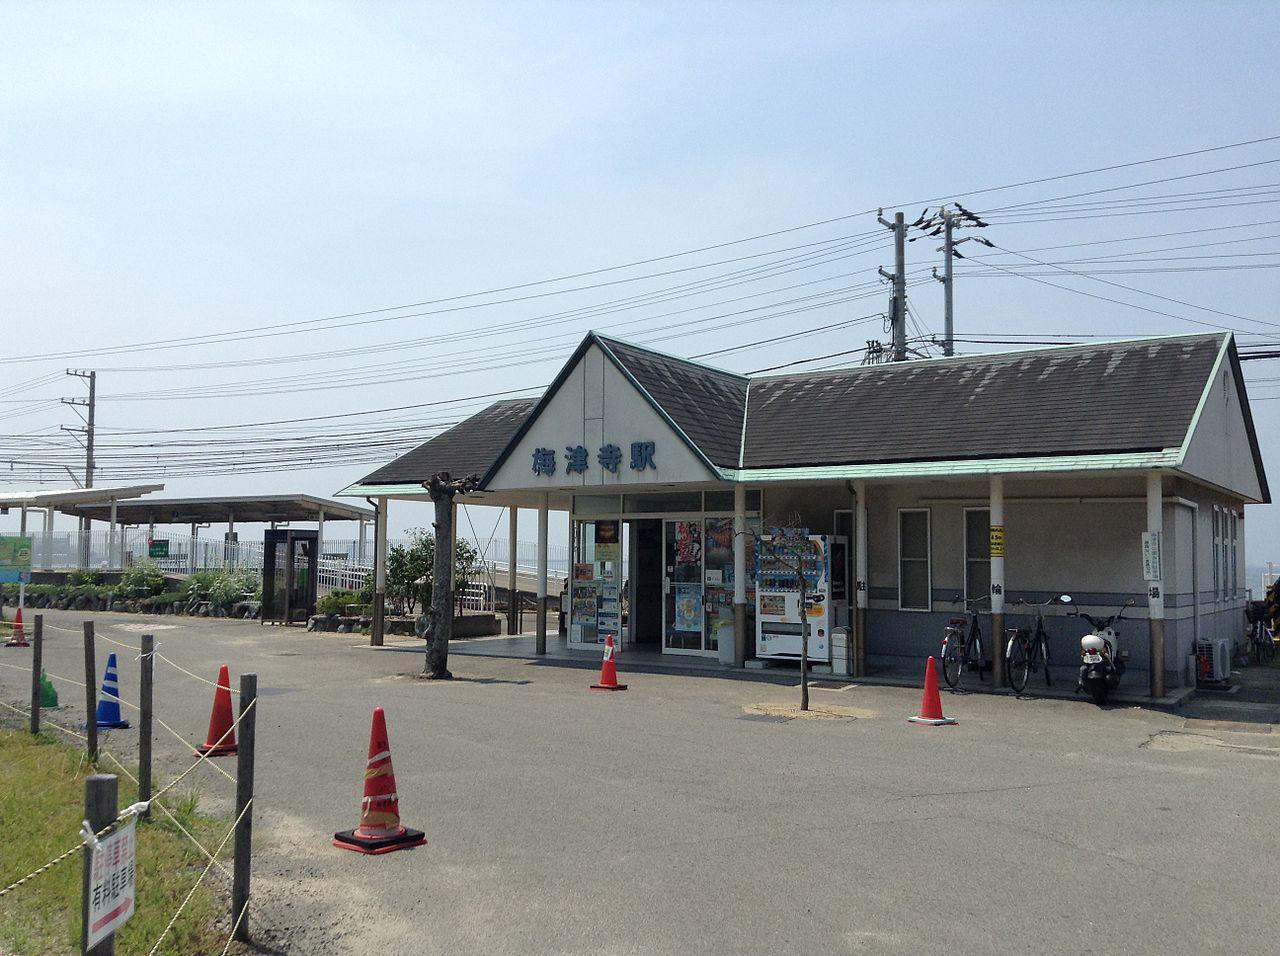 ถานีรถไฟญี่ปุ่นที่มีทิวทัศน์สวยงาม-สถานีรถไฟ ไบชินจิ